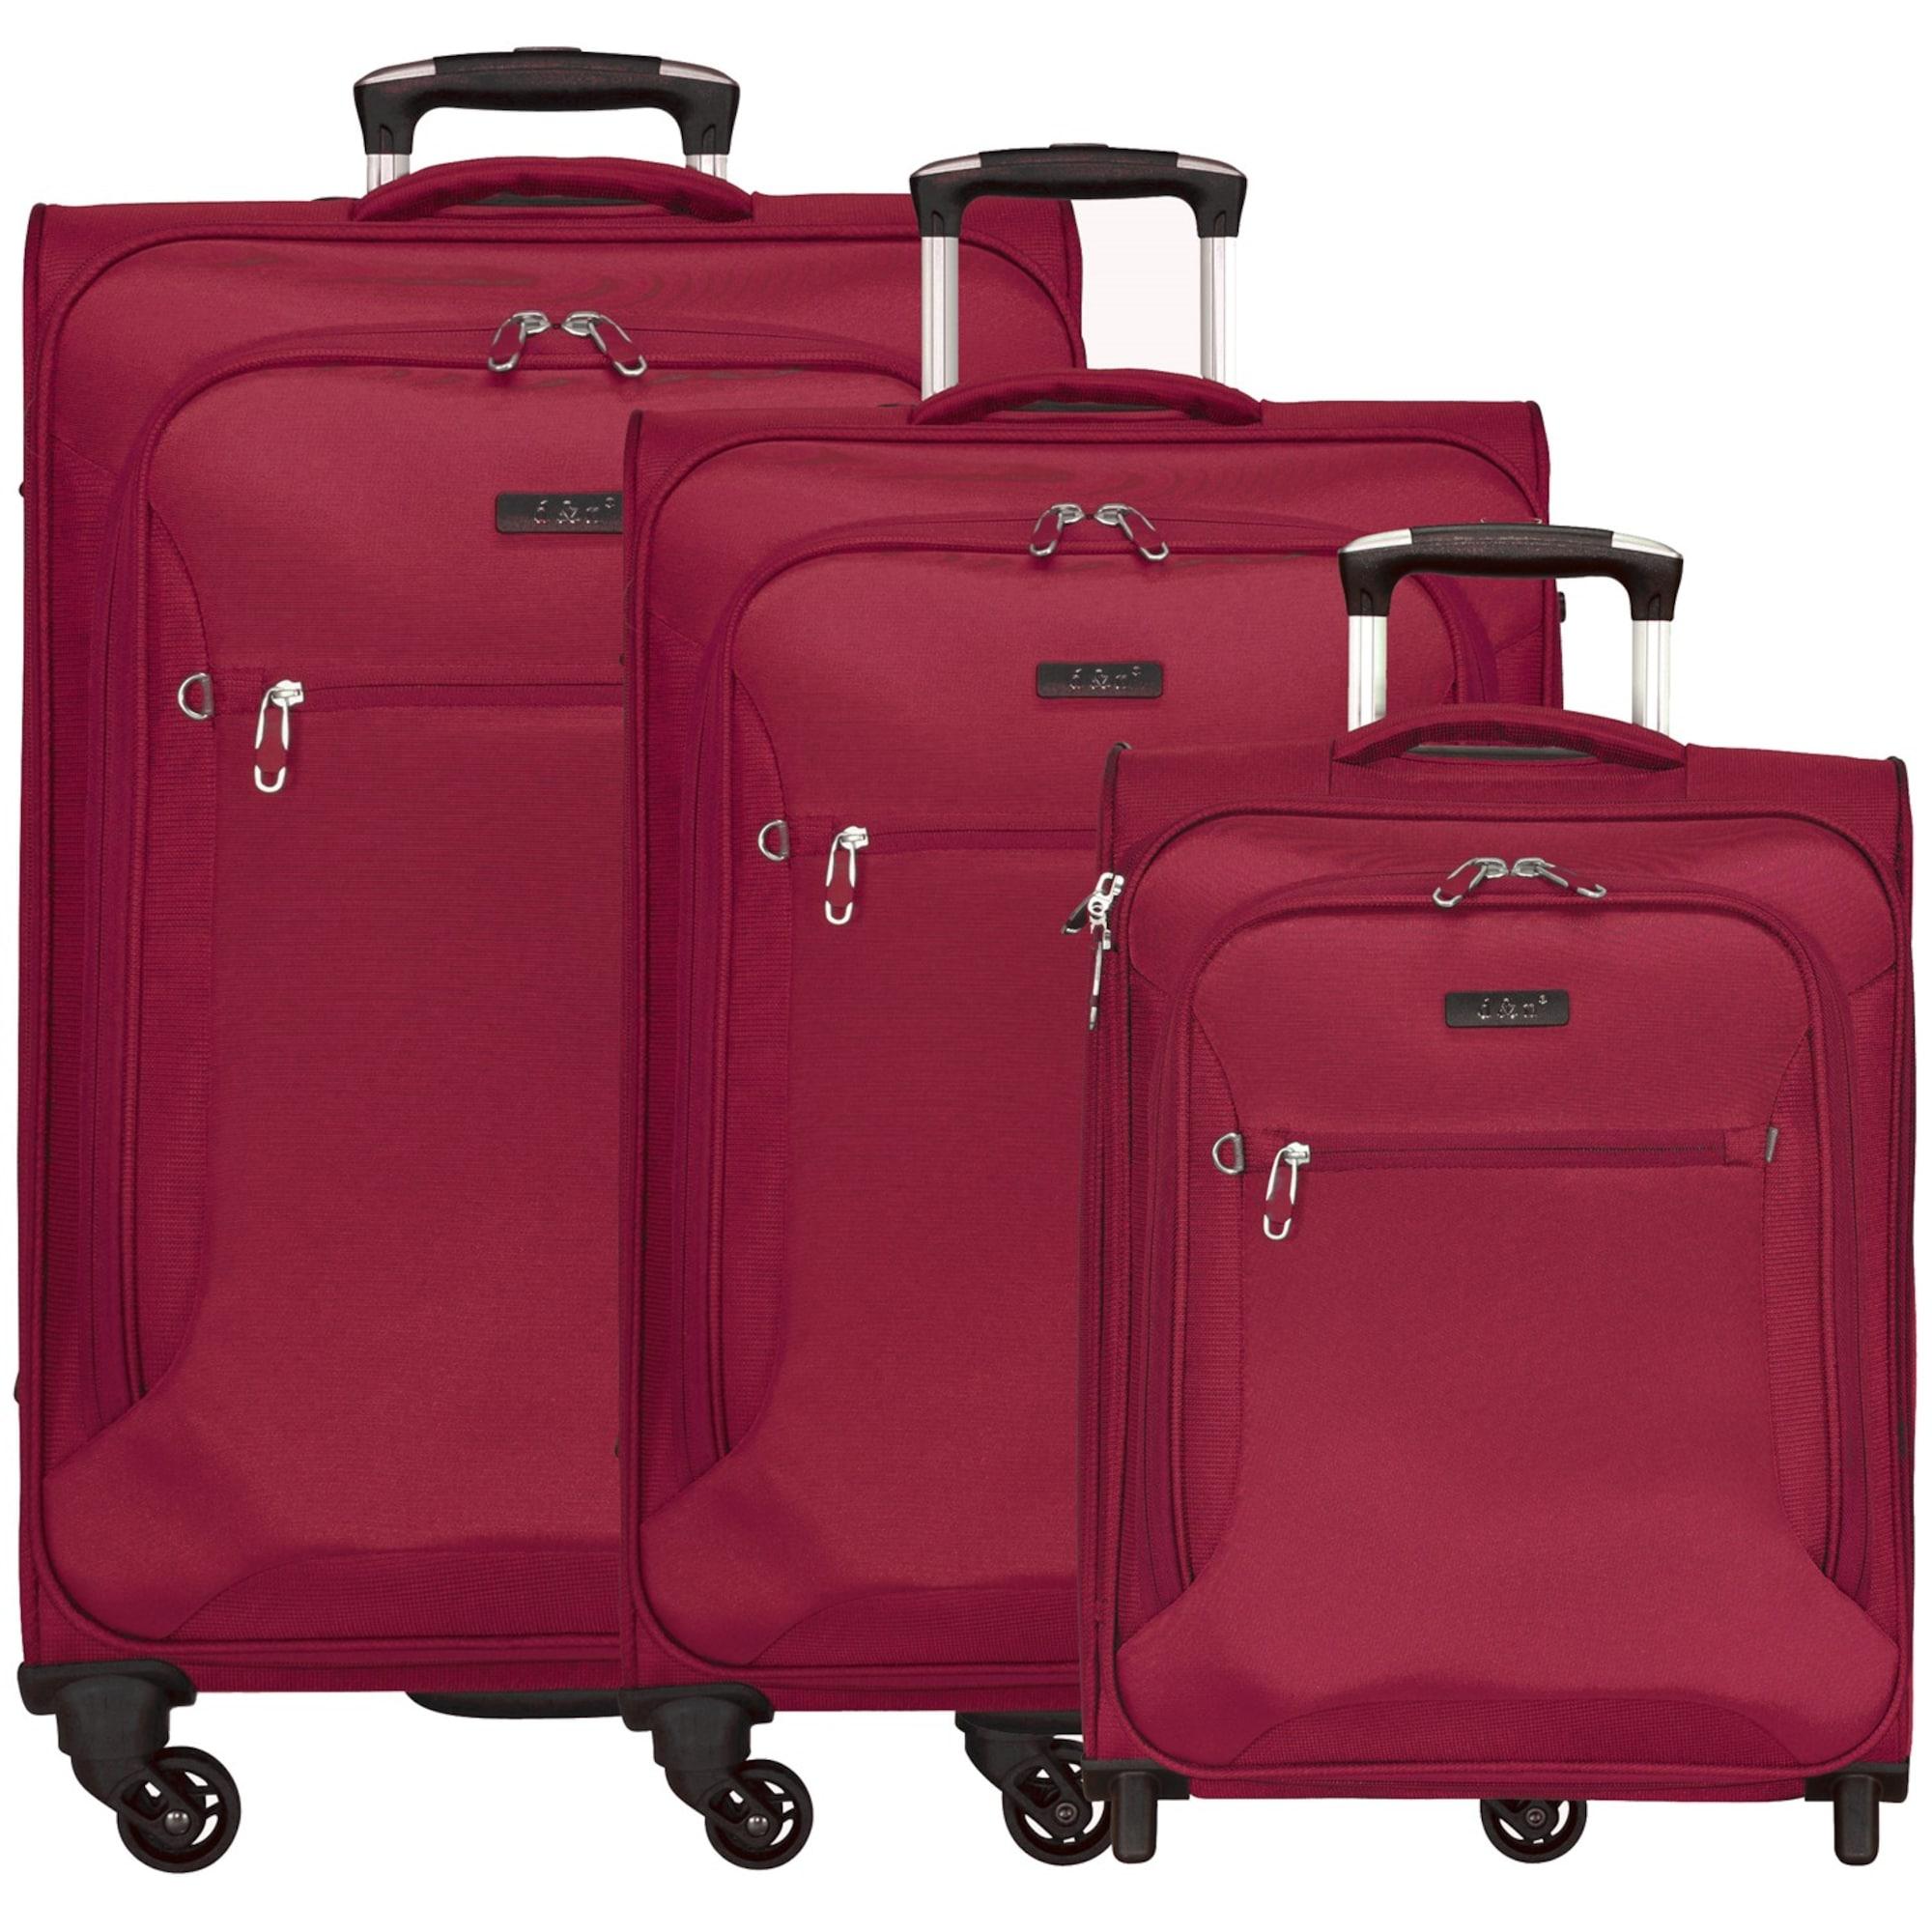 Kofferset 3tlg. | Taschen > Koffer & Trolleys > Koffersets | D&N